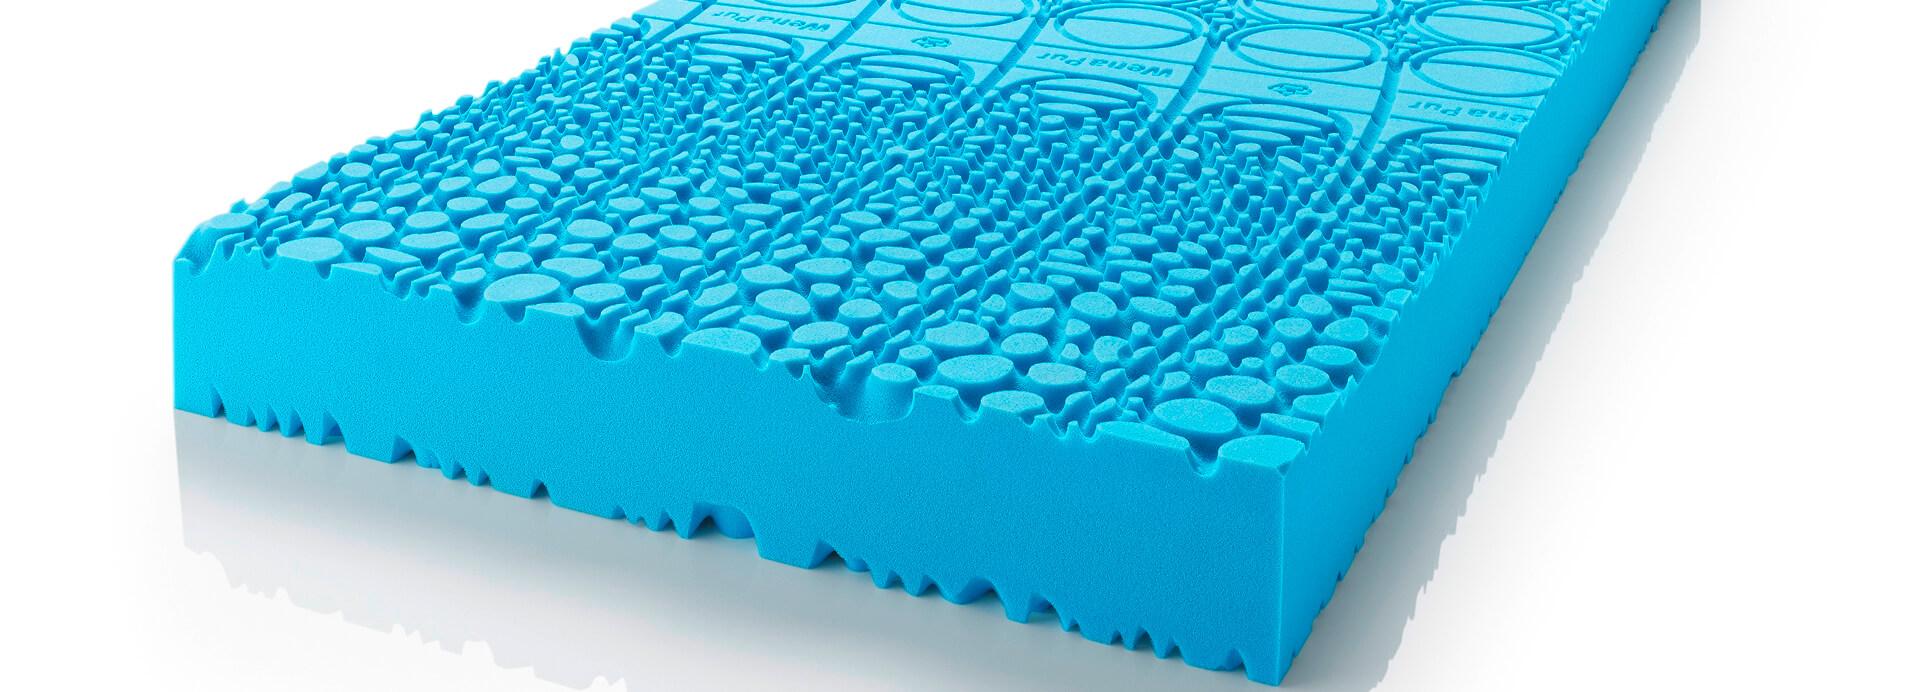 Der wenaPur® Kaltschaum Matratzenkern von Wenatex